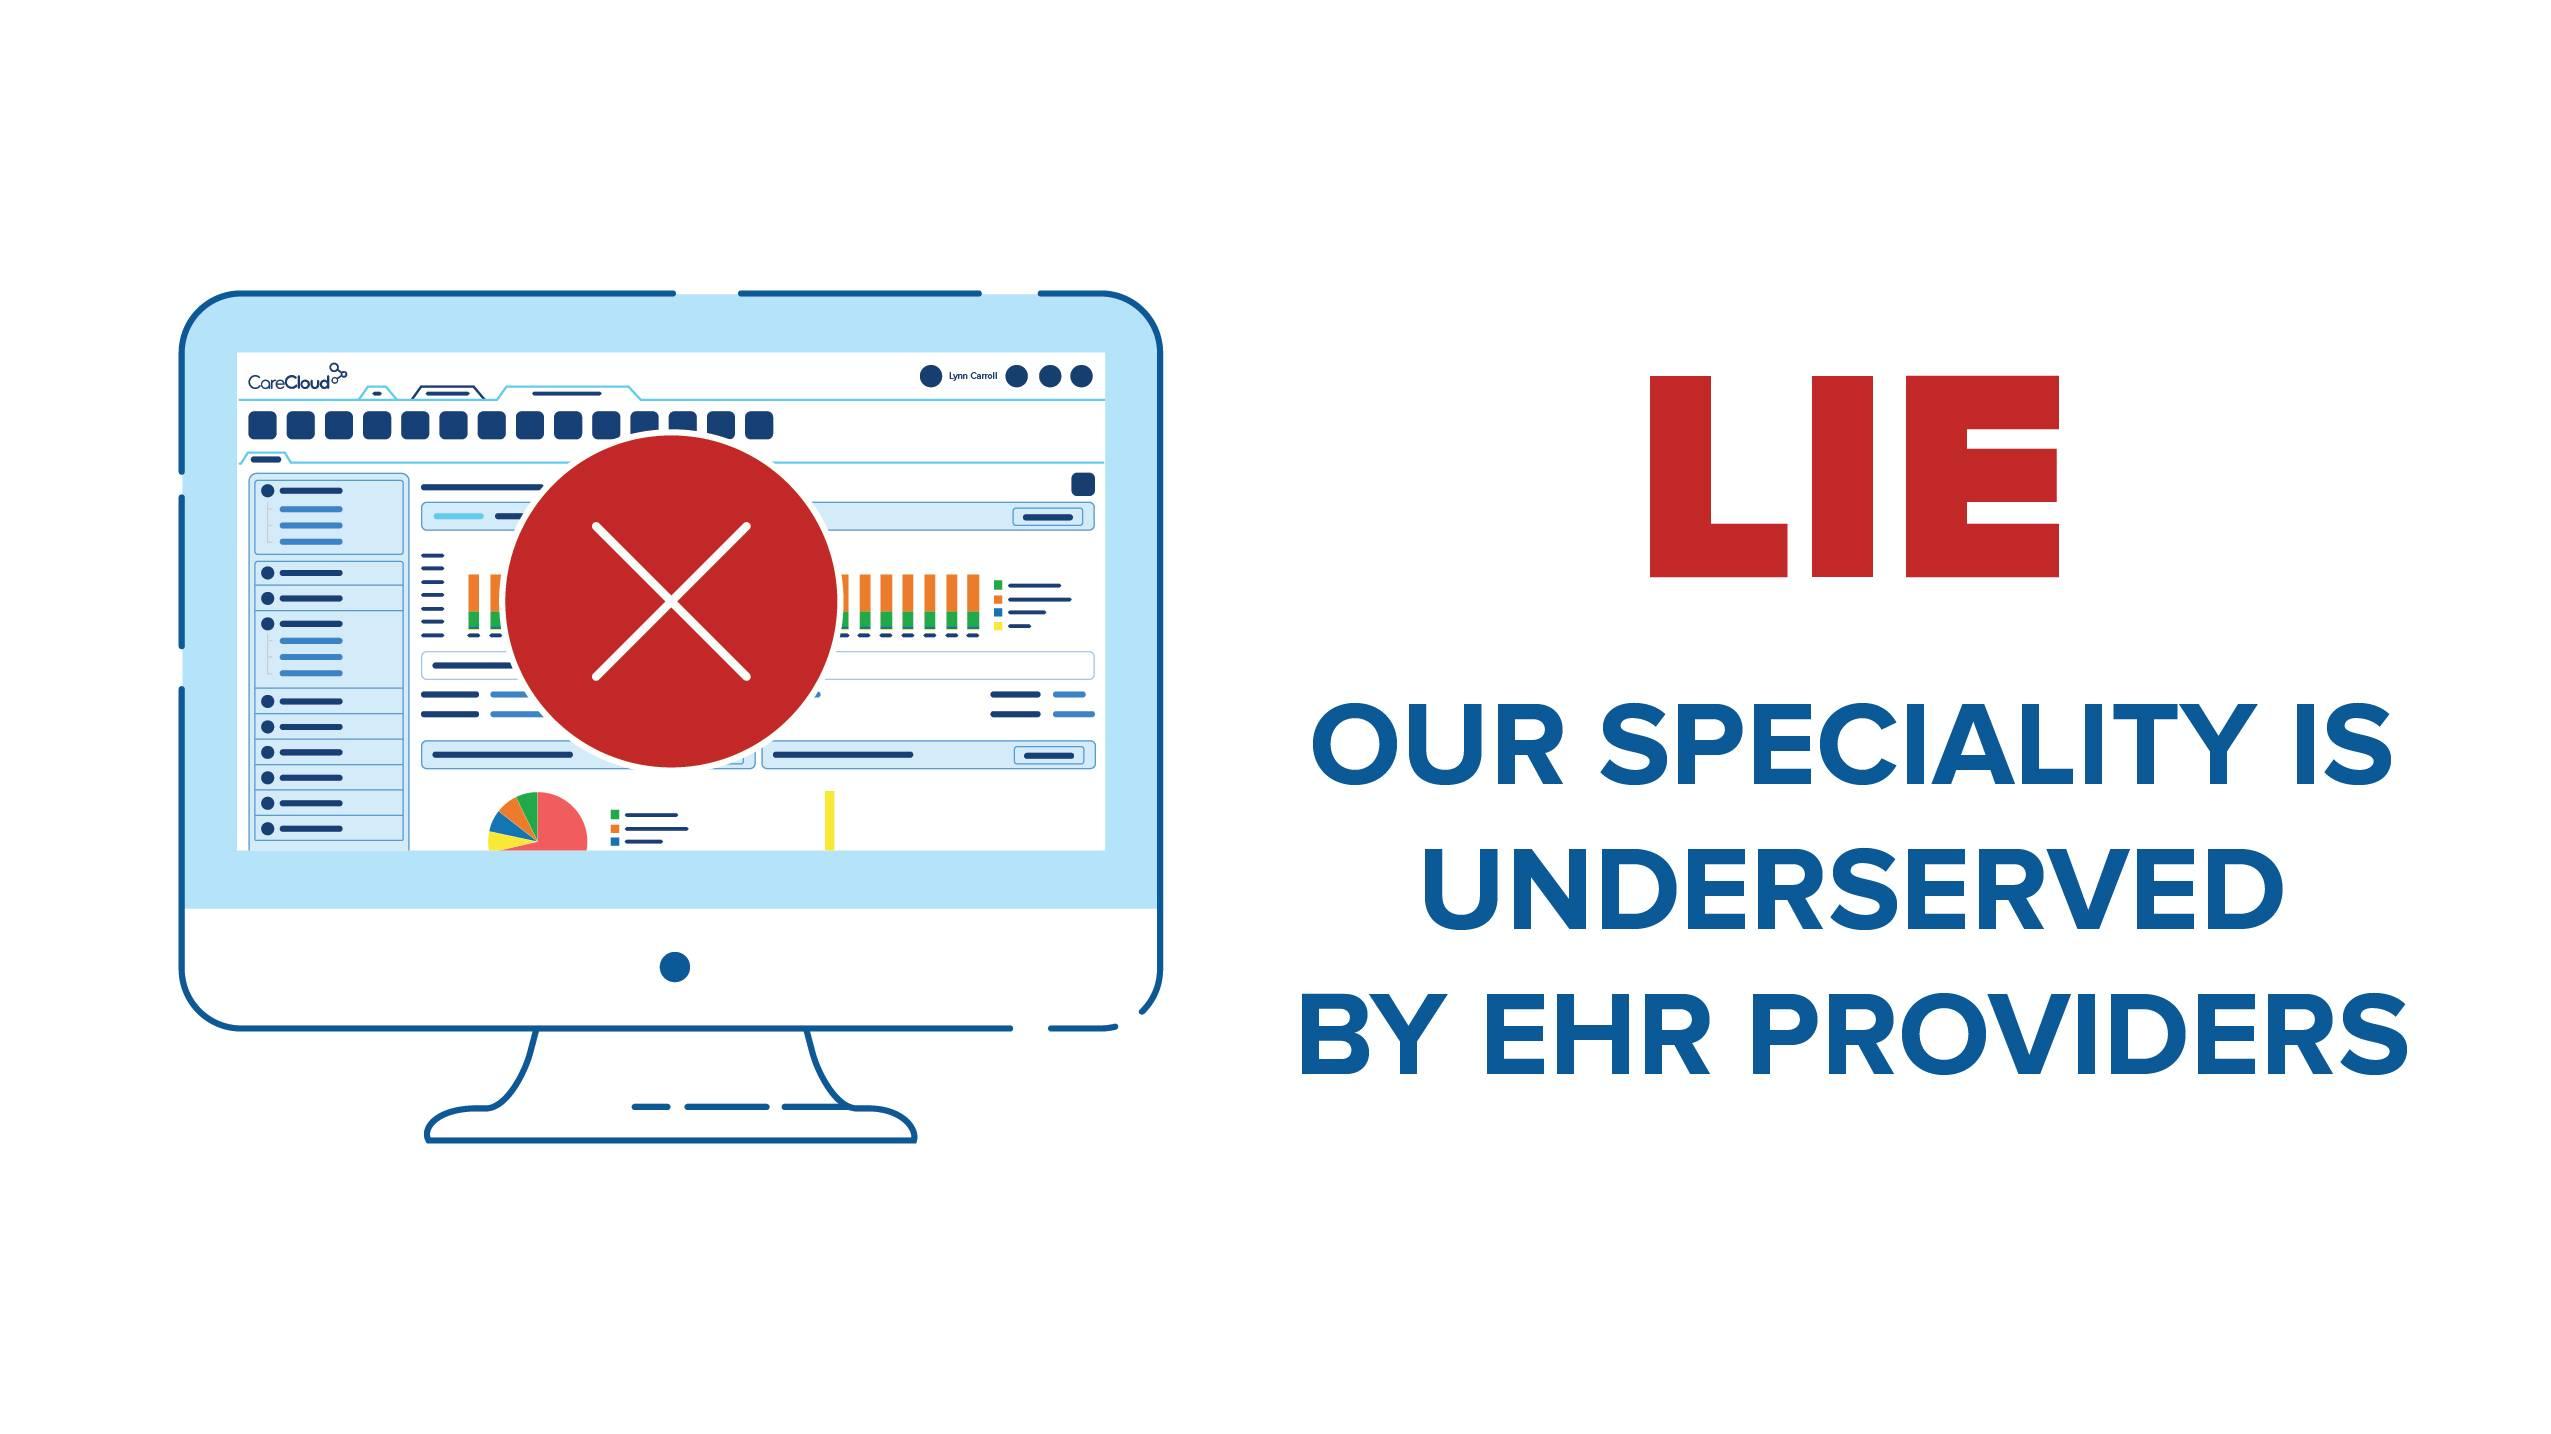 graphic of EHR underserved